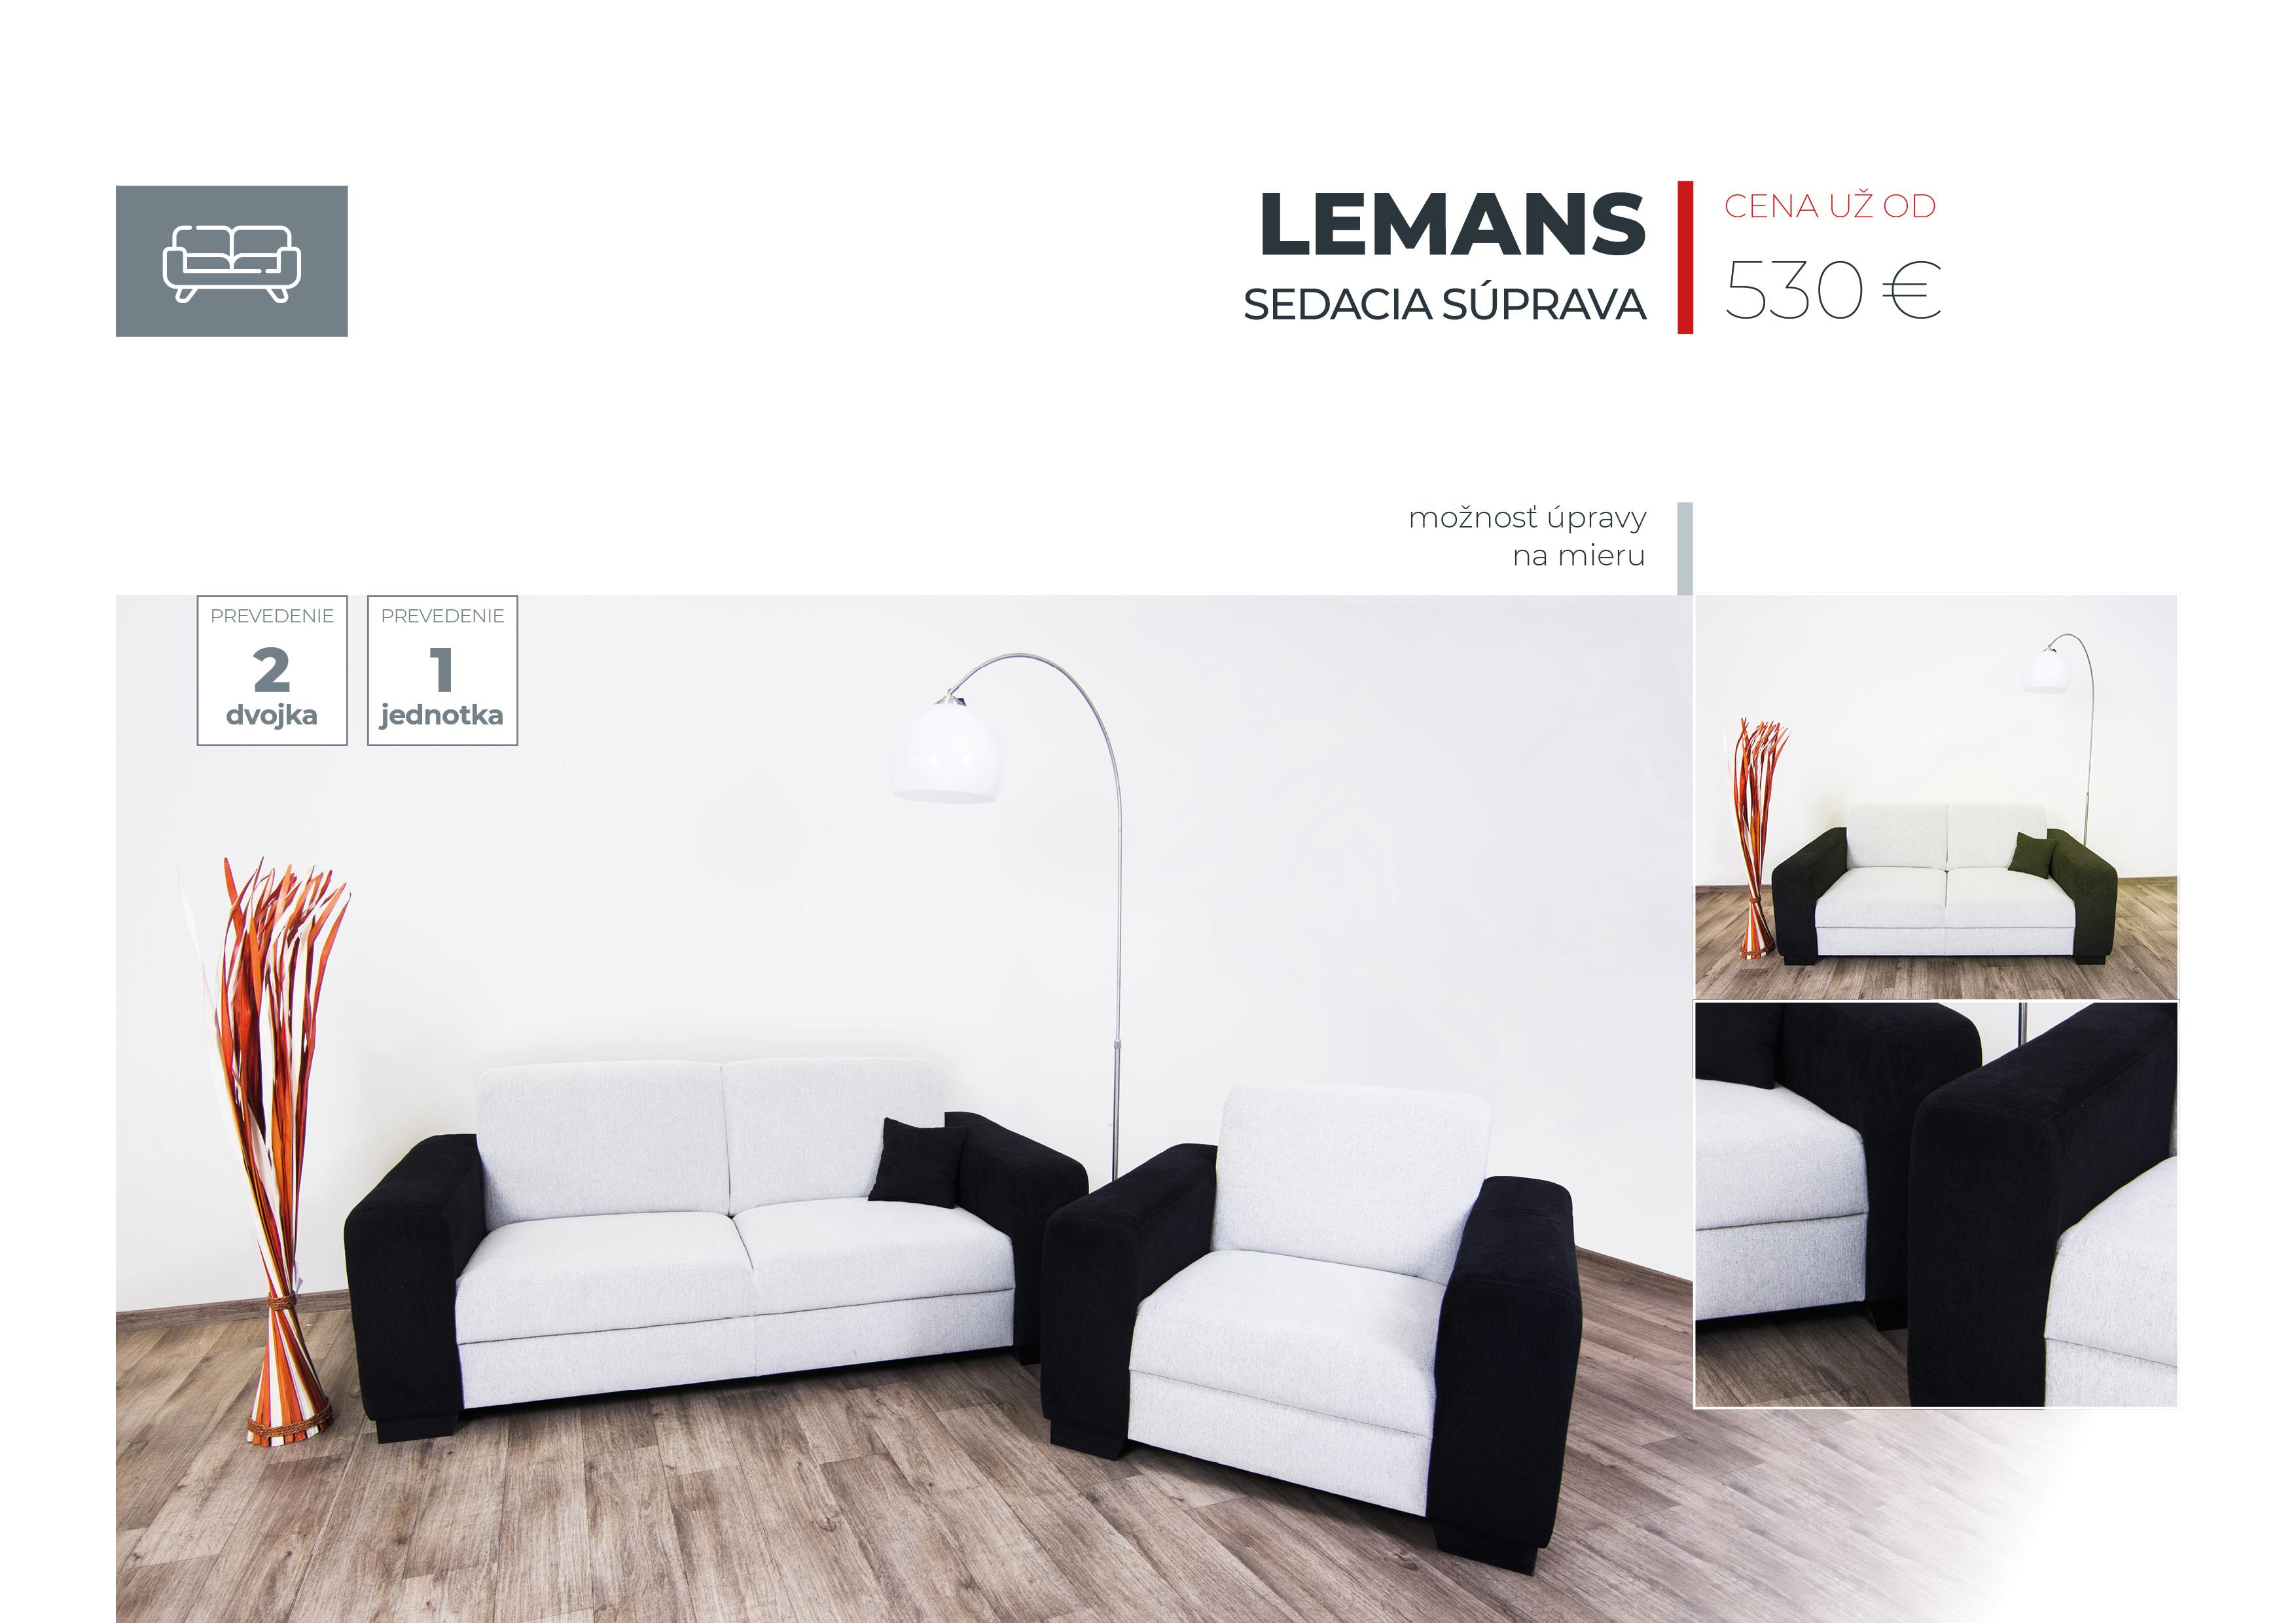 Lemans